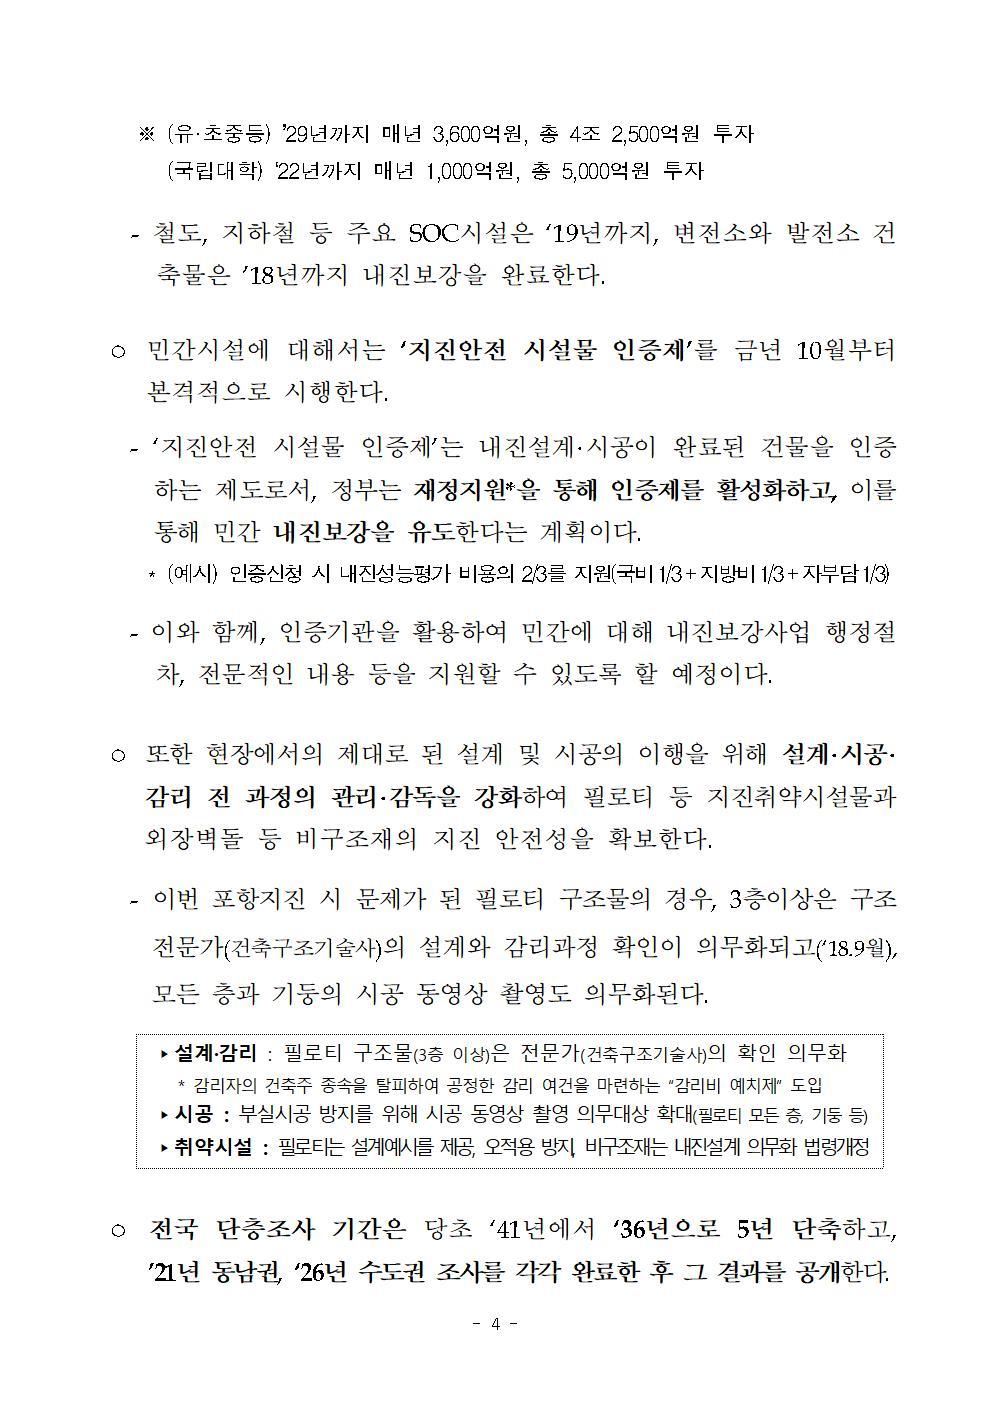 180525 (지진방재정책과 등) 정부 지진방재 개선대책 발표(외부)004.jpg